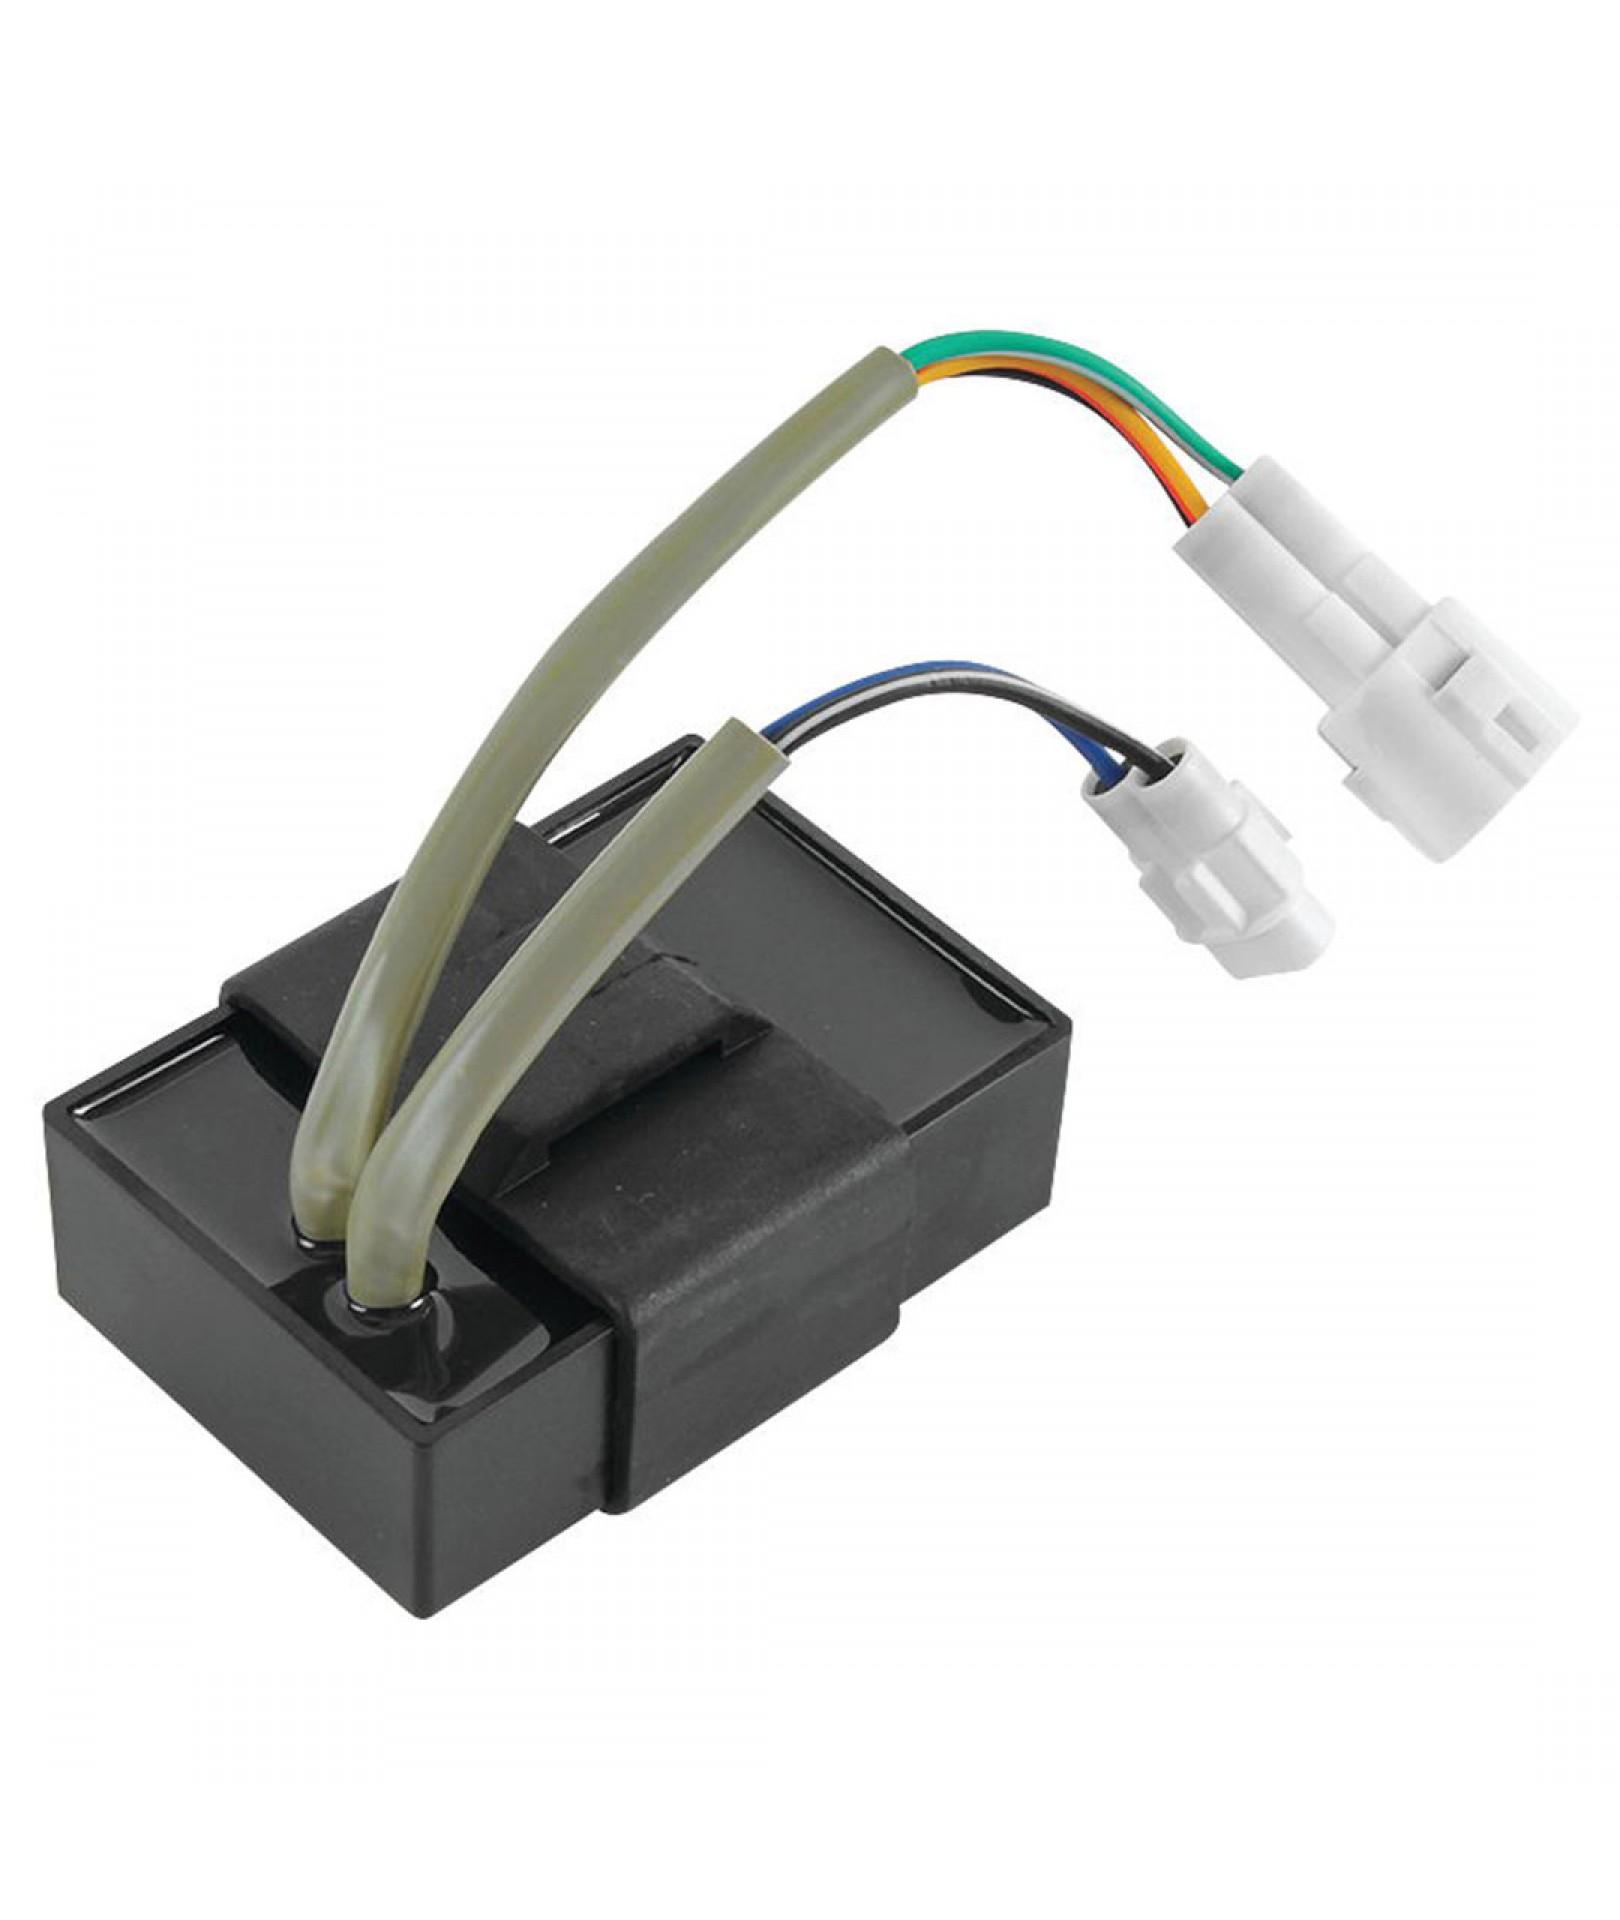 Procom Rev Box CDI Quadzilla XLC 500 Performance Ignition